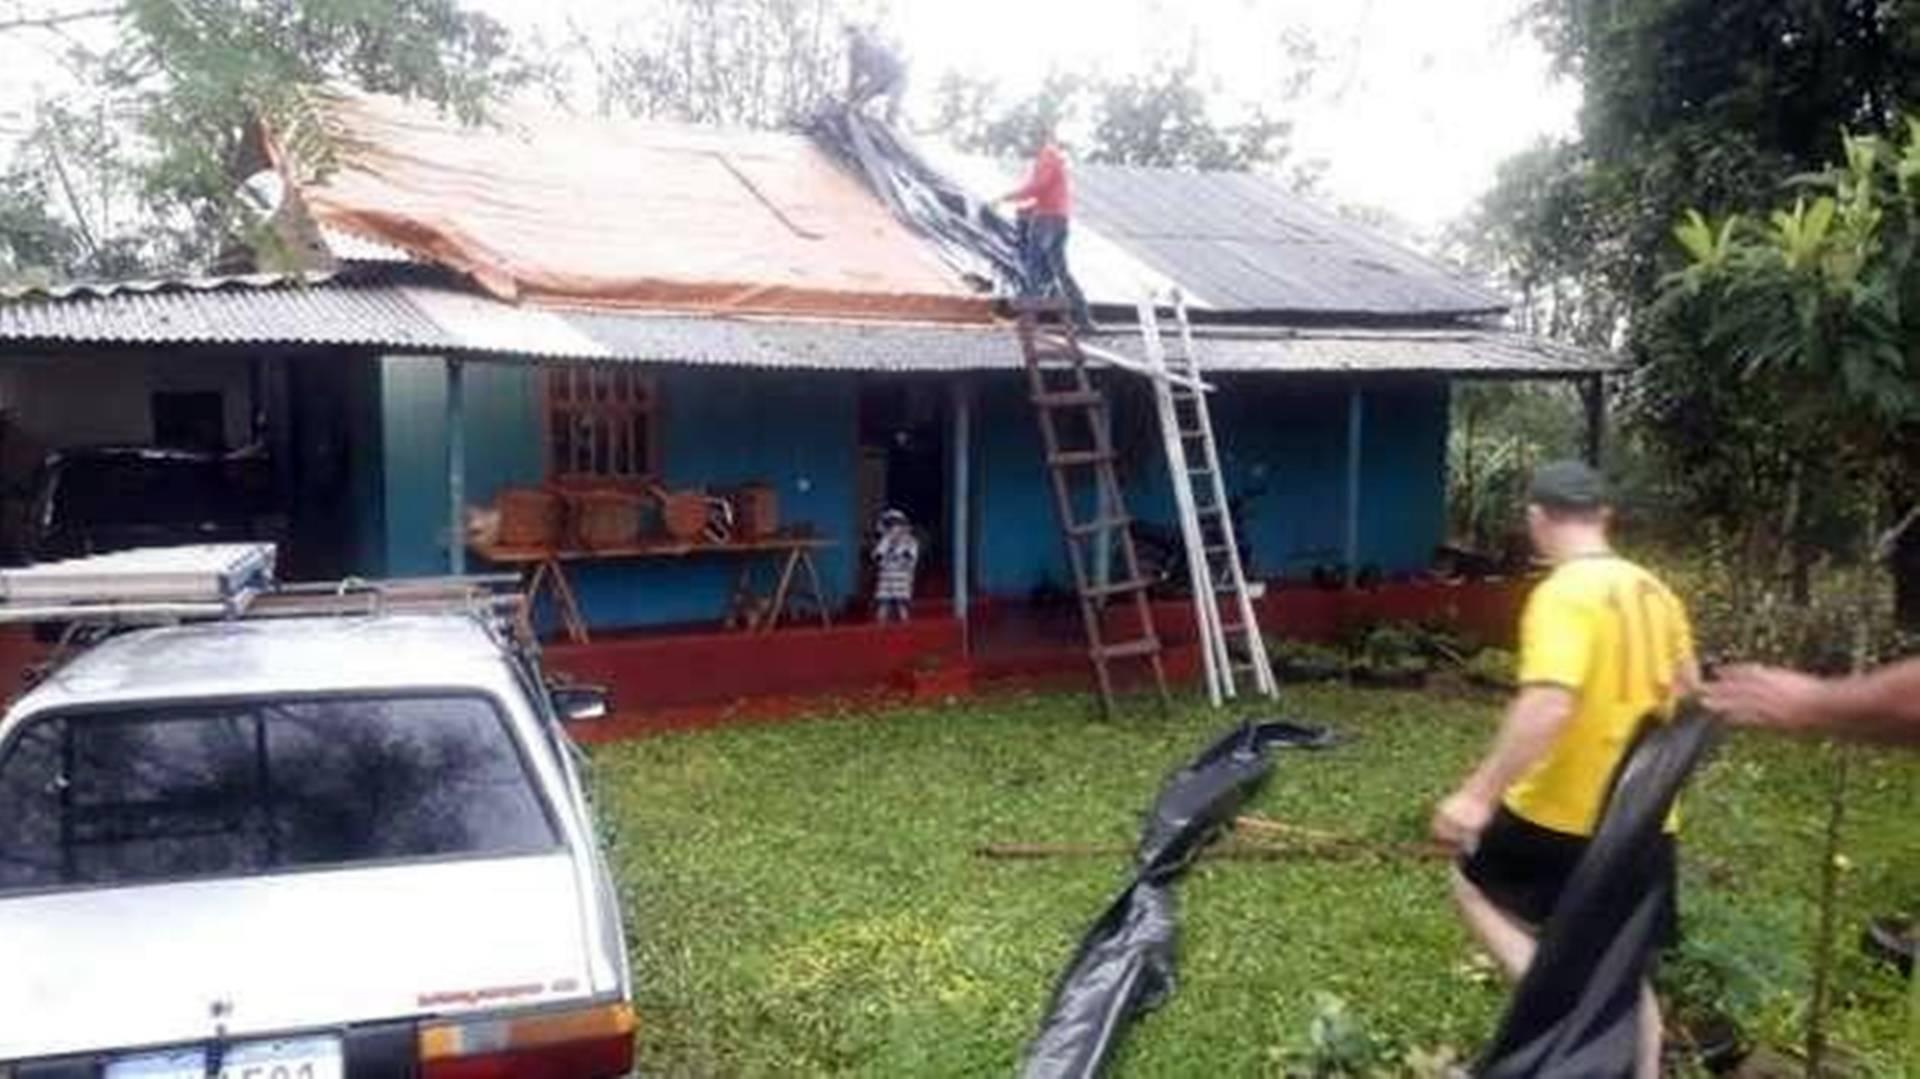 Duzentas casas são danificadas por temporal em Nova Prata do Iguaçu